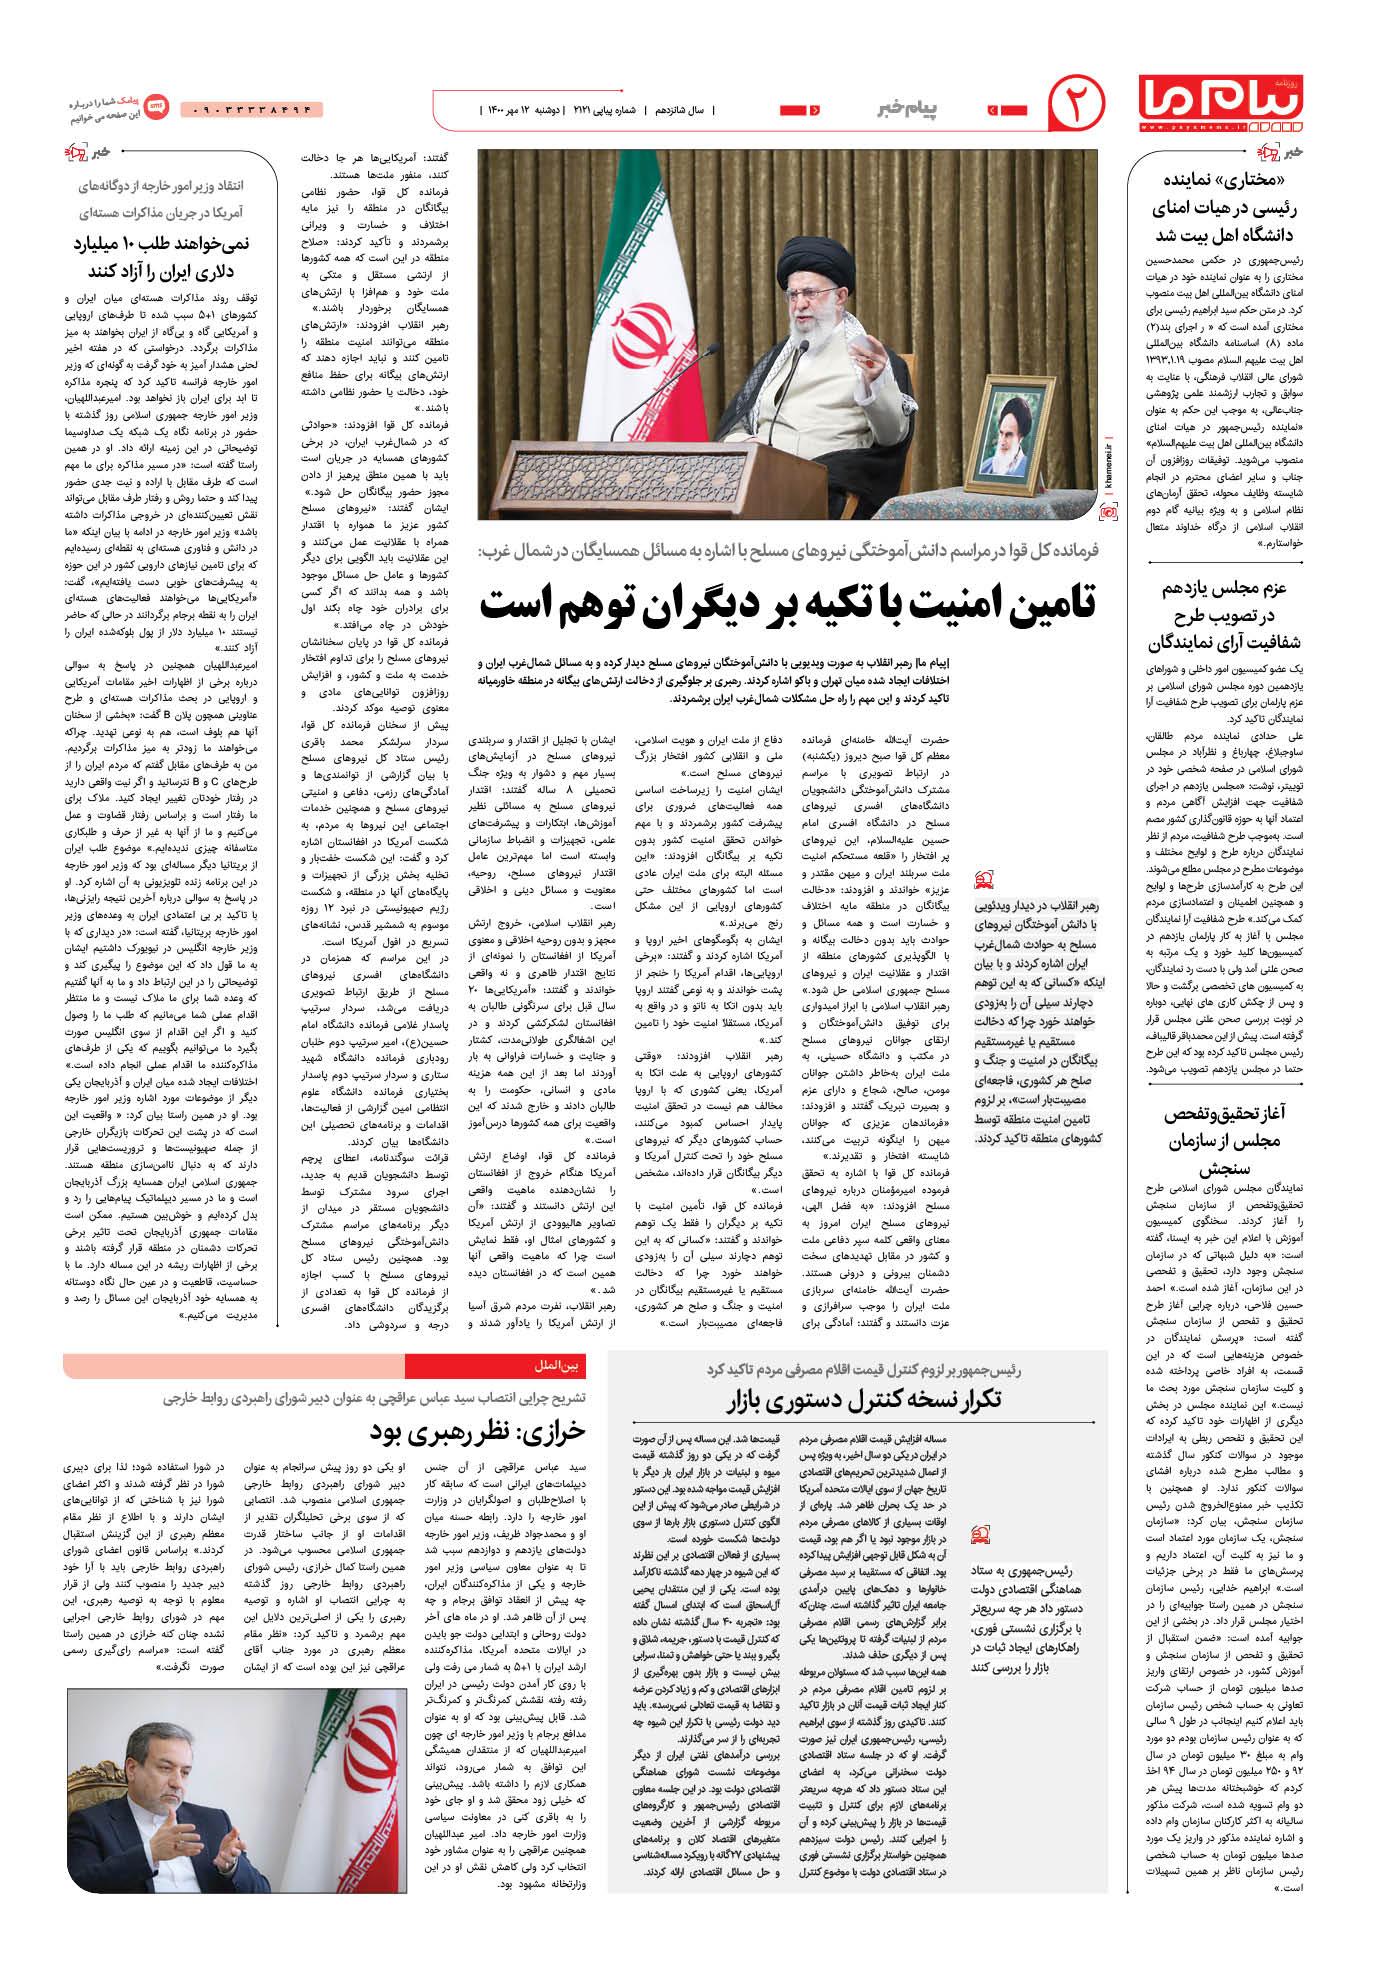 صفحه پیام خبر شماره 2121 روزنامه پیام ما